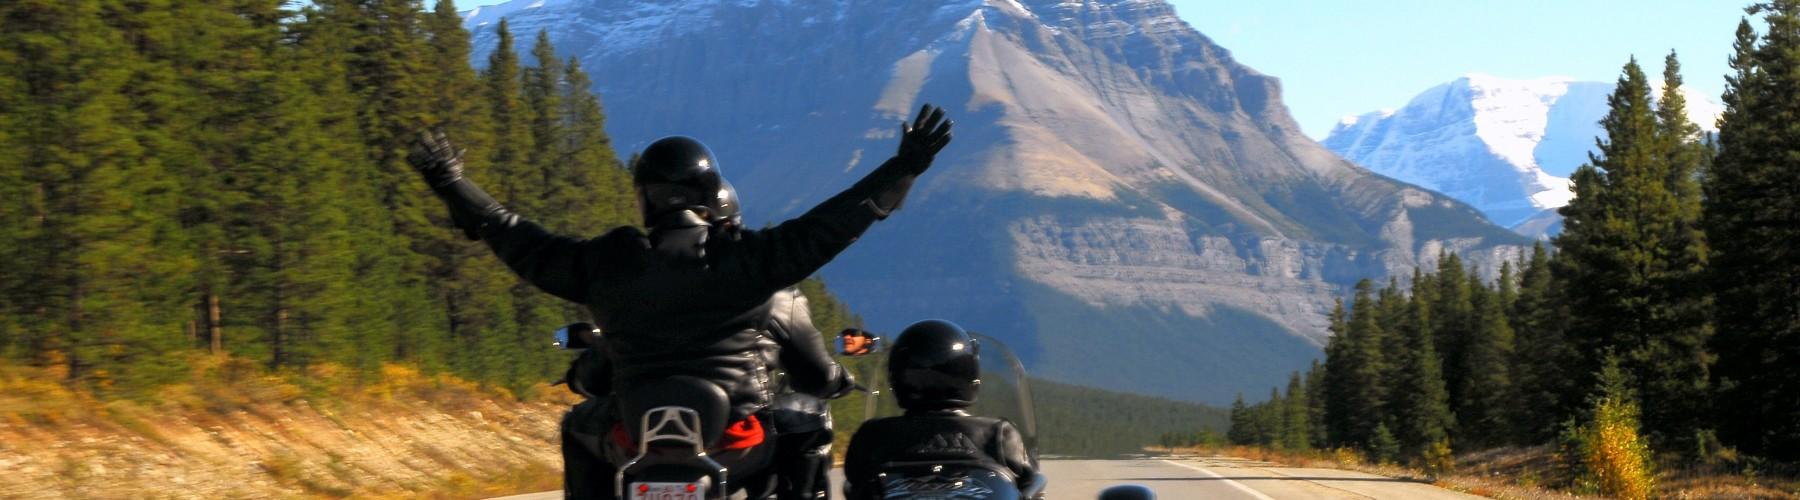 Touring in Jasper National Park